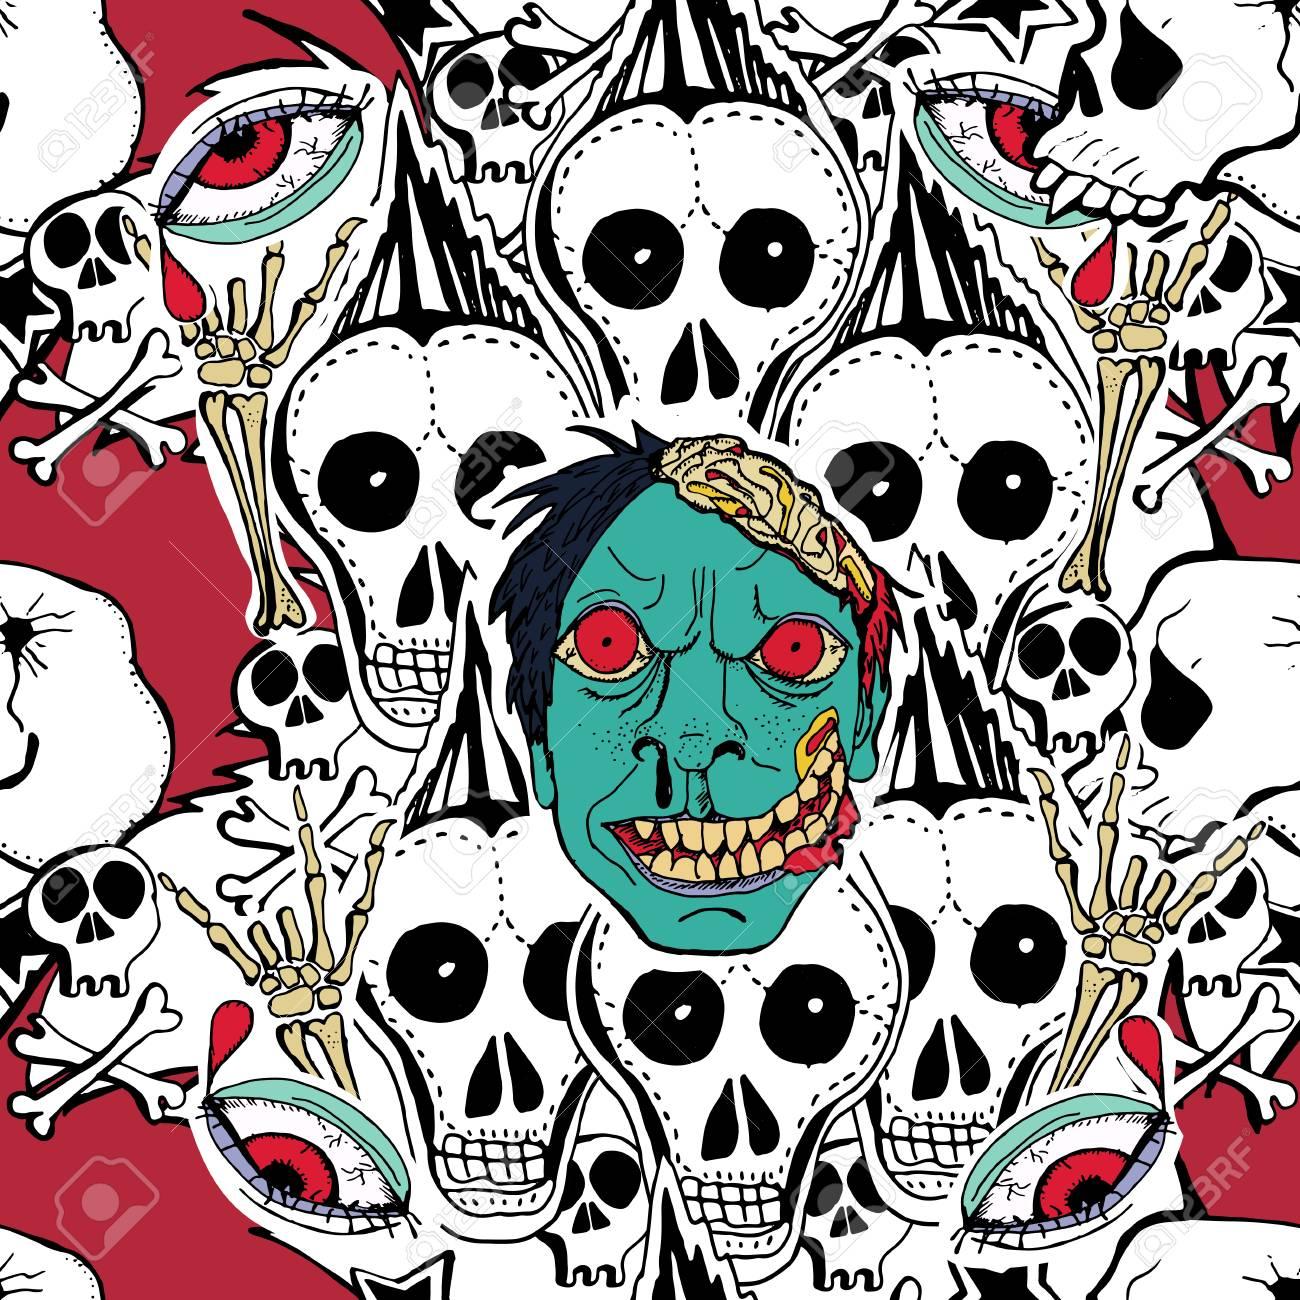 Vektor Naht Muster. Crazy Zombie Hand Gezeichnet Hintergrund ...